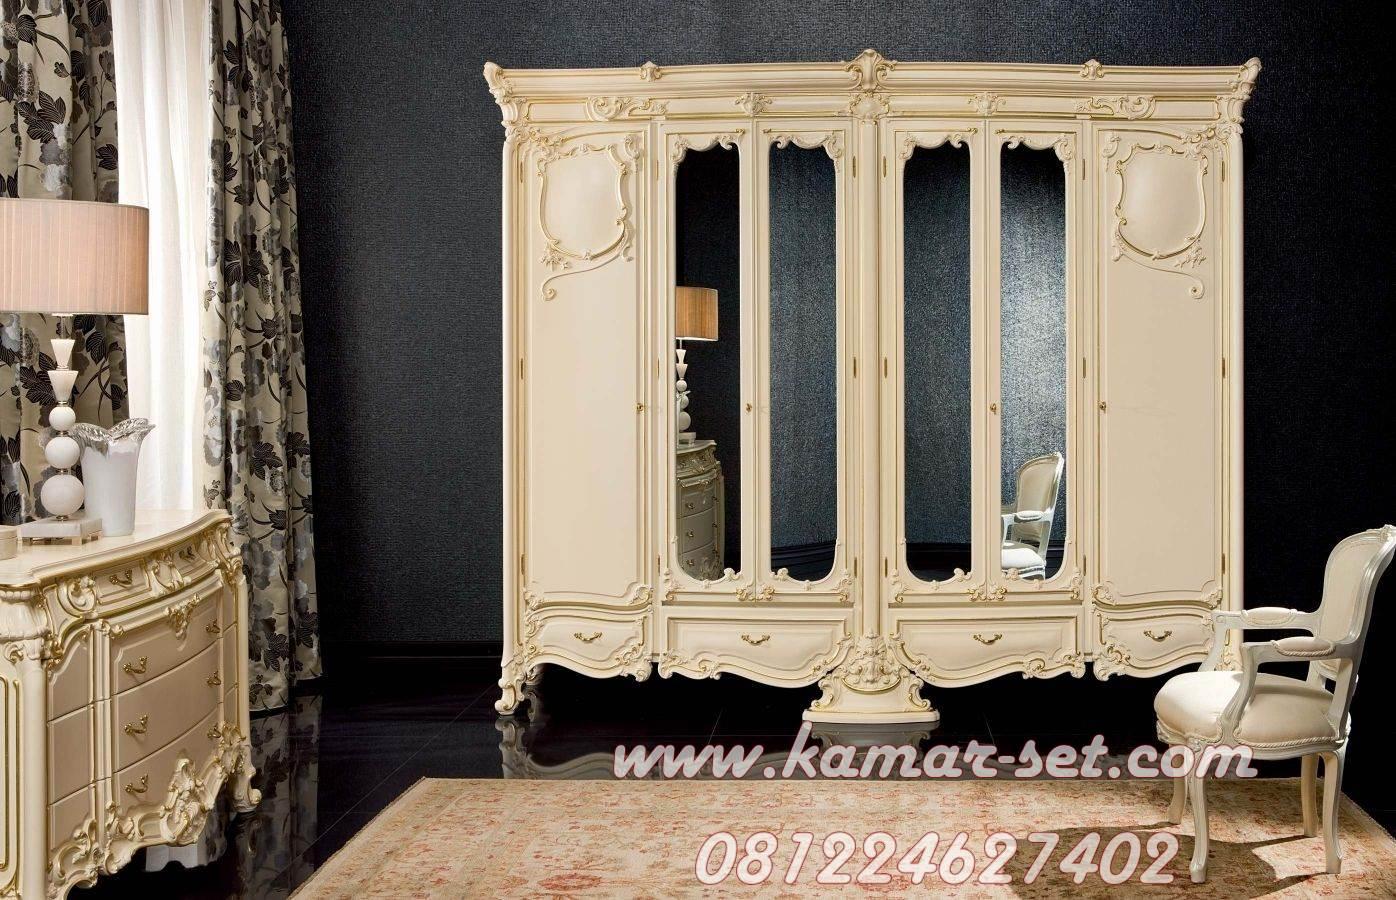 Lemari Wadrobe Klasik Pintu Kaca